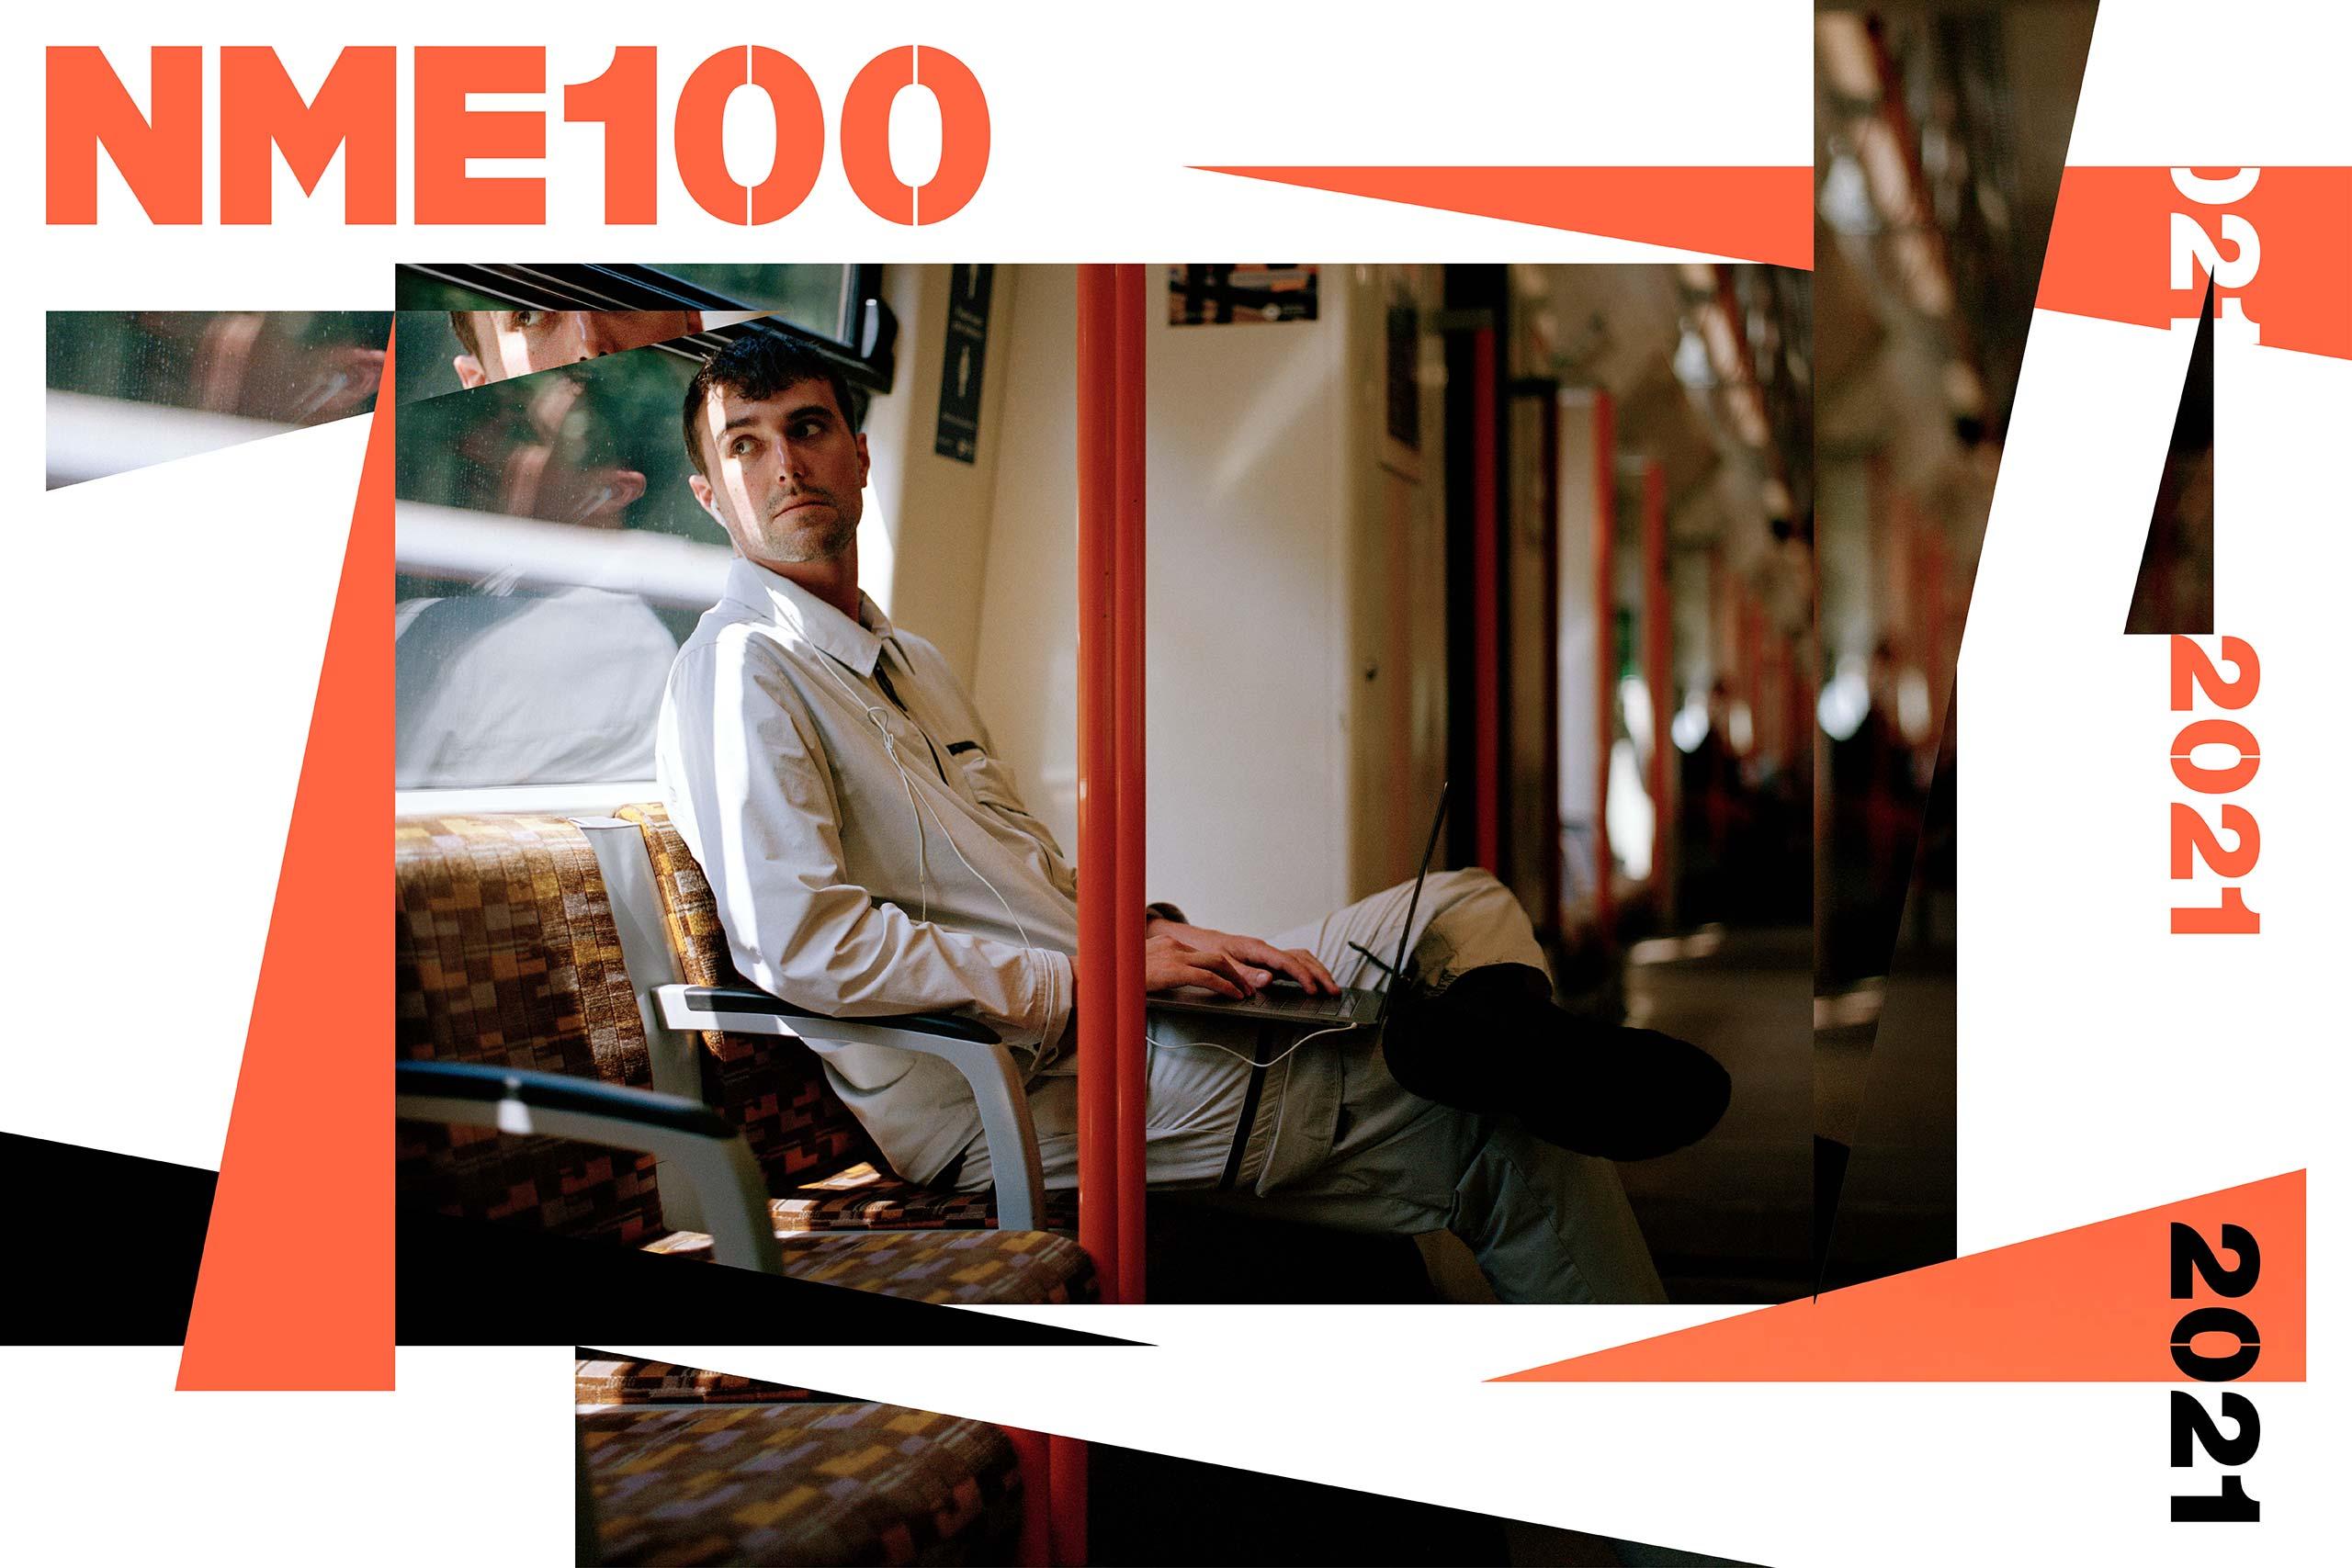 NME 100 fred again..